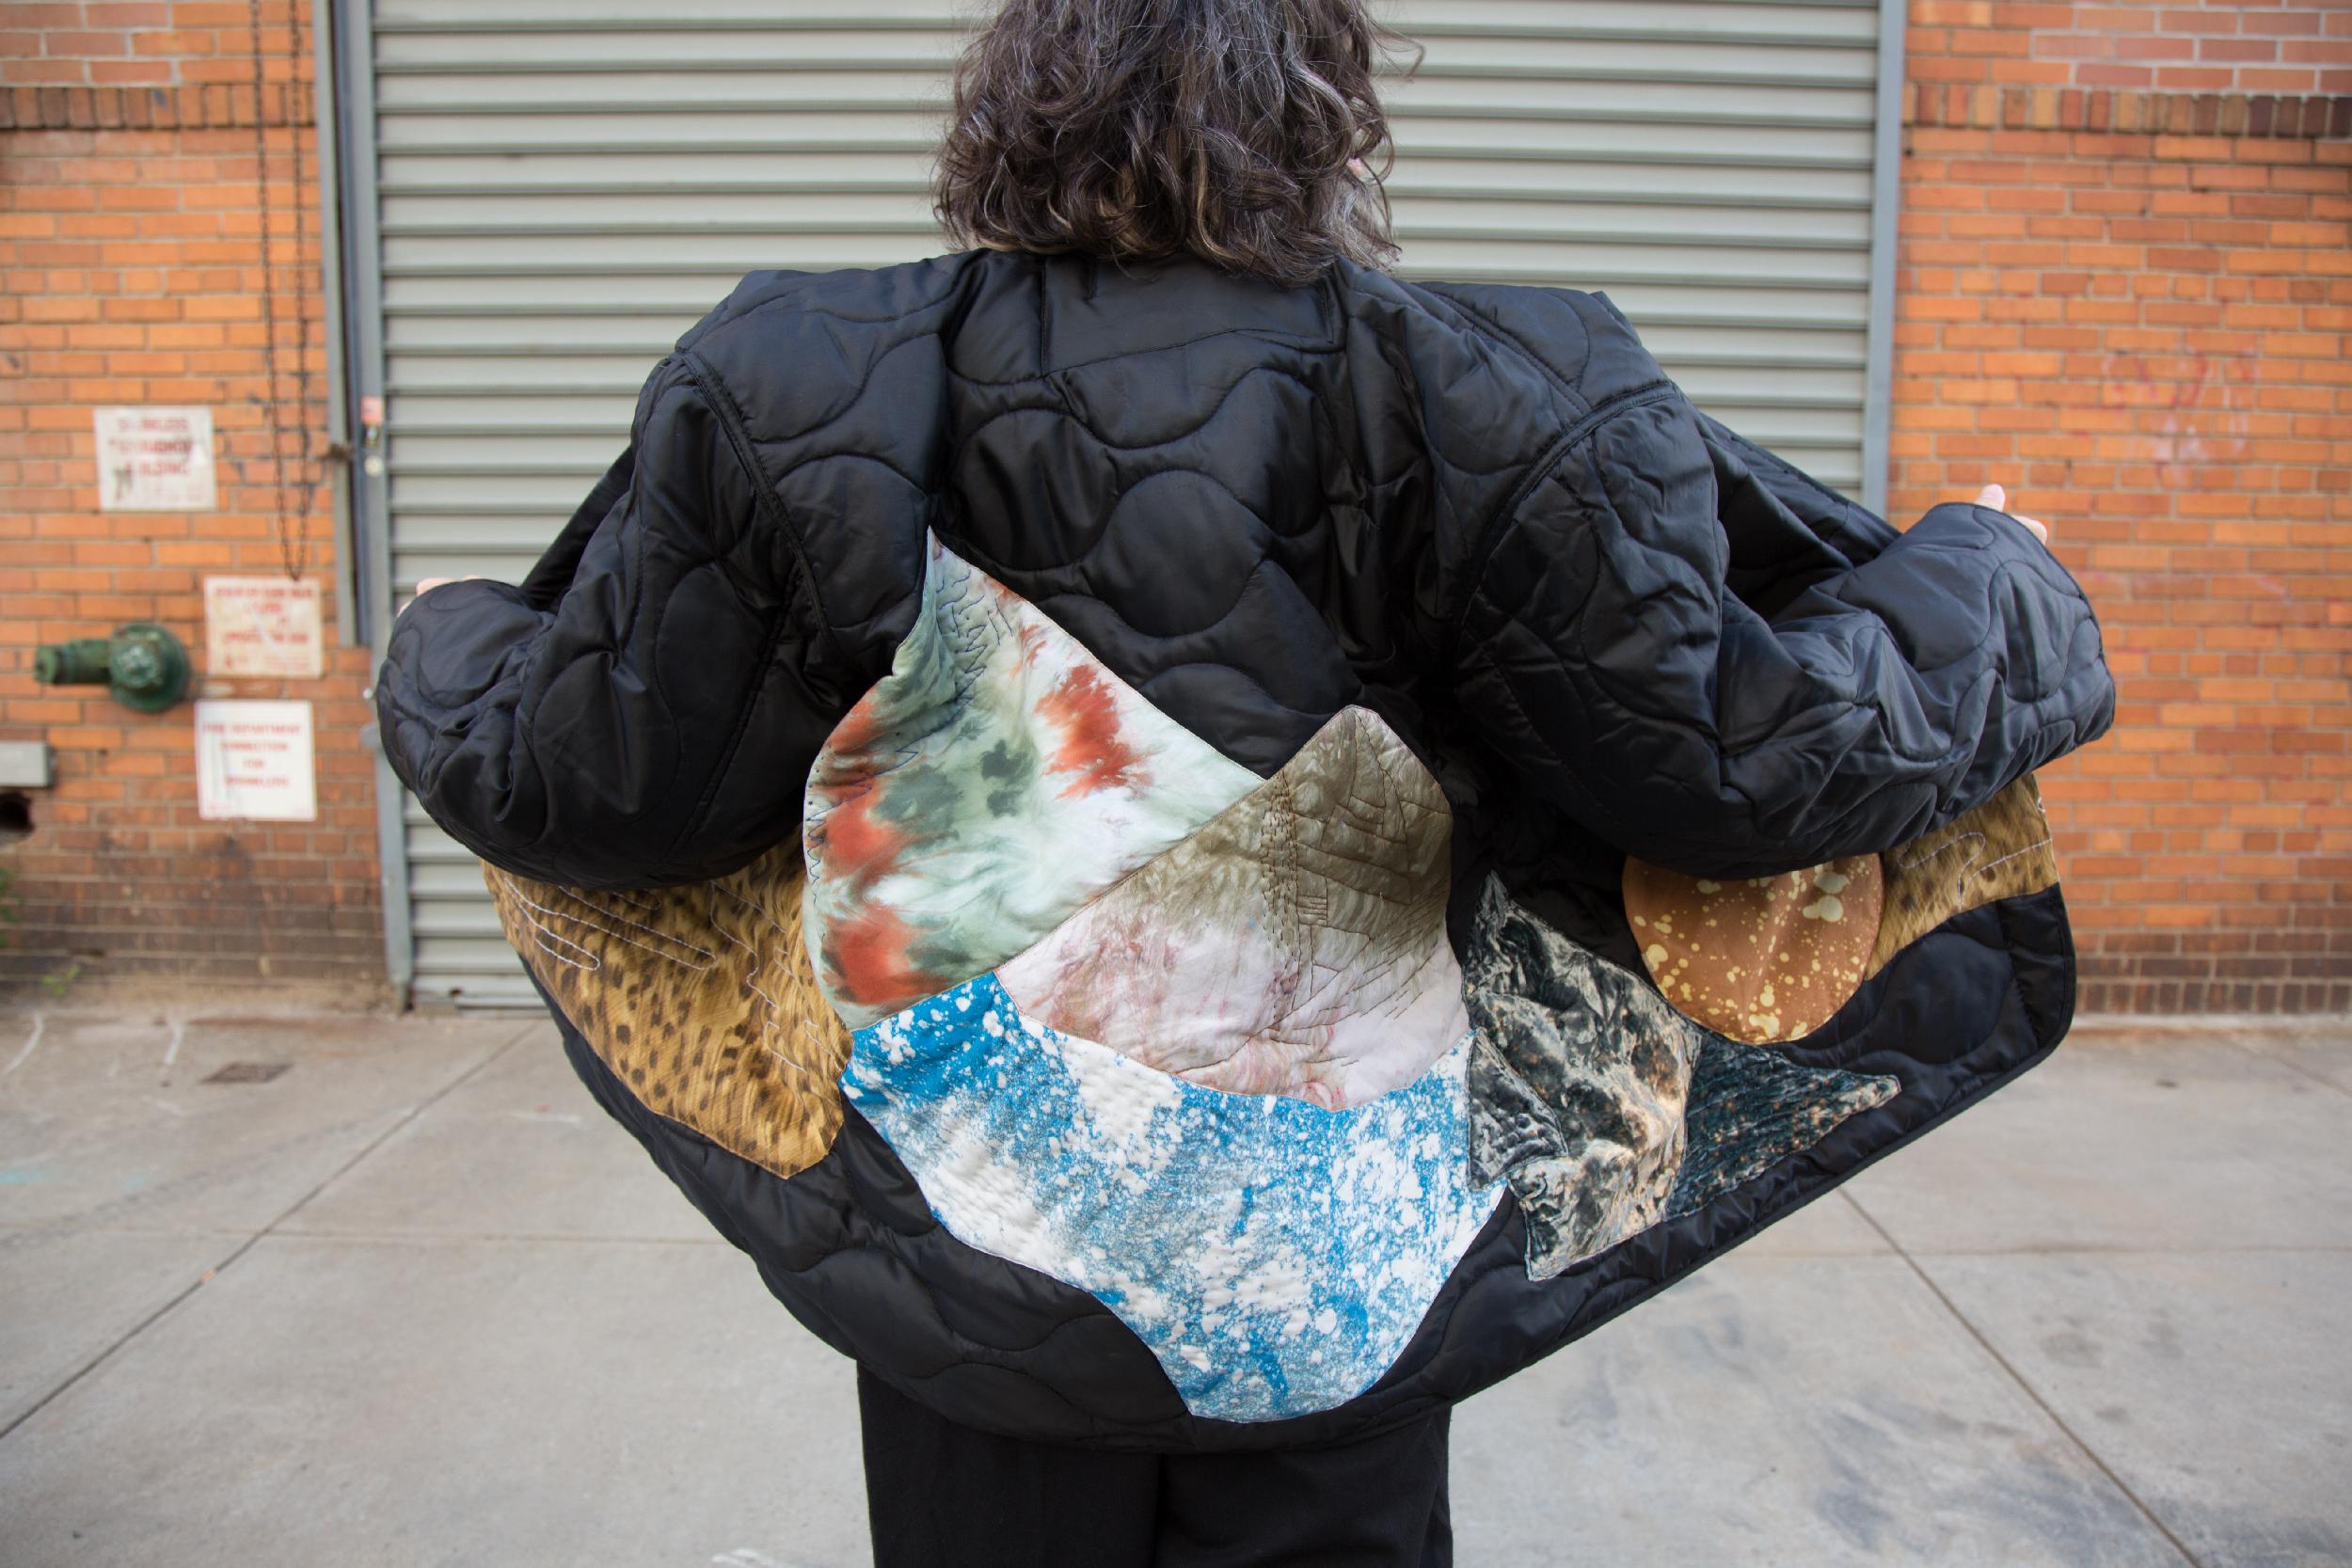 Infinite Landscape Jacket by VVORK VVORK VVORK designed and slow made by Zeynab Izadyar in Brooklyn, New York